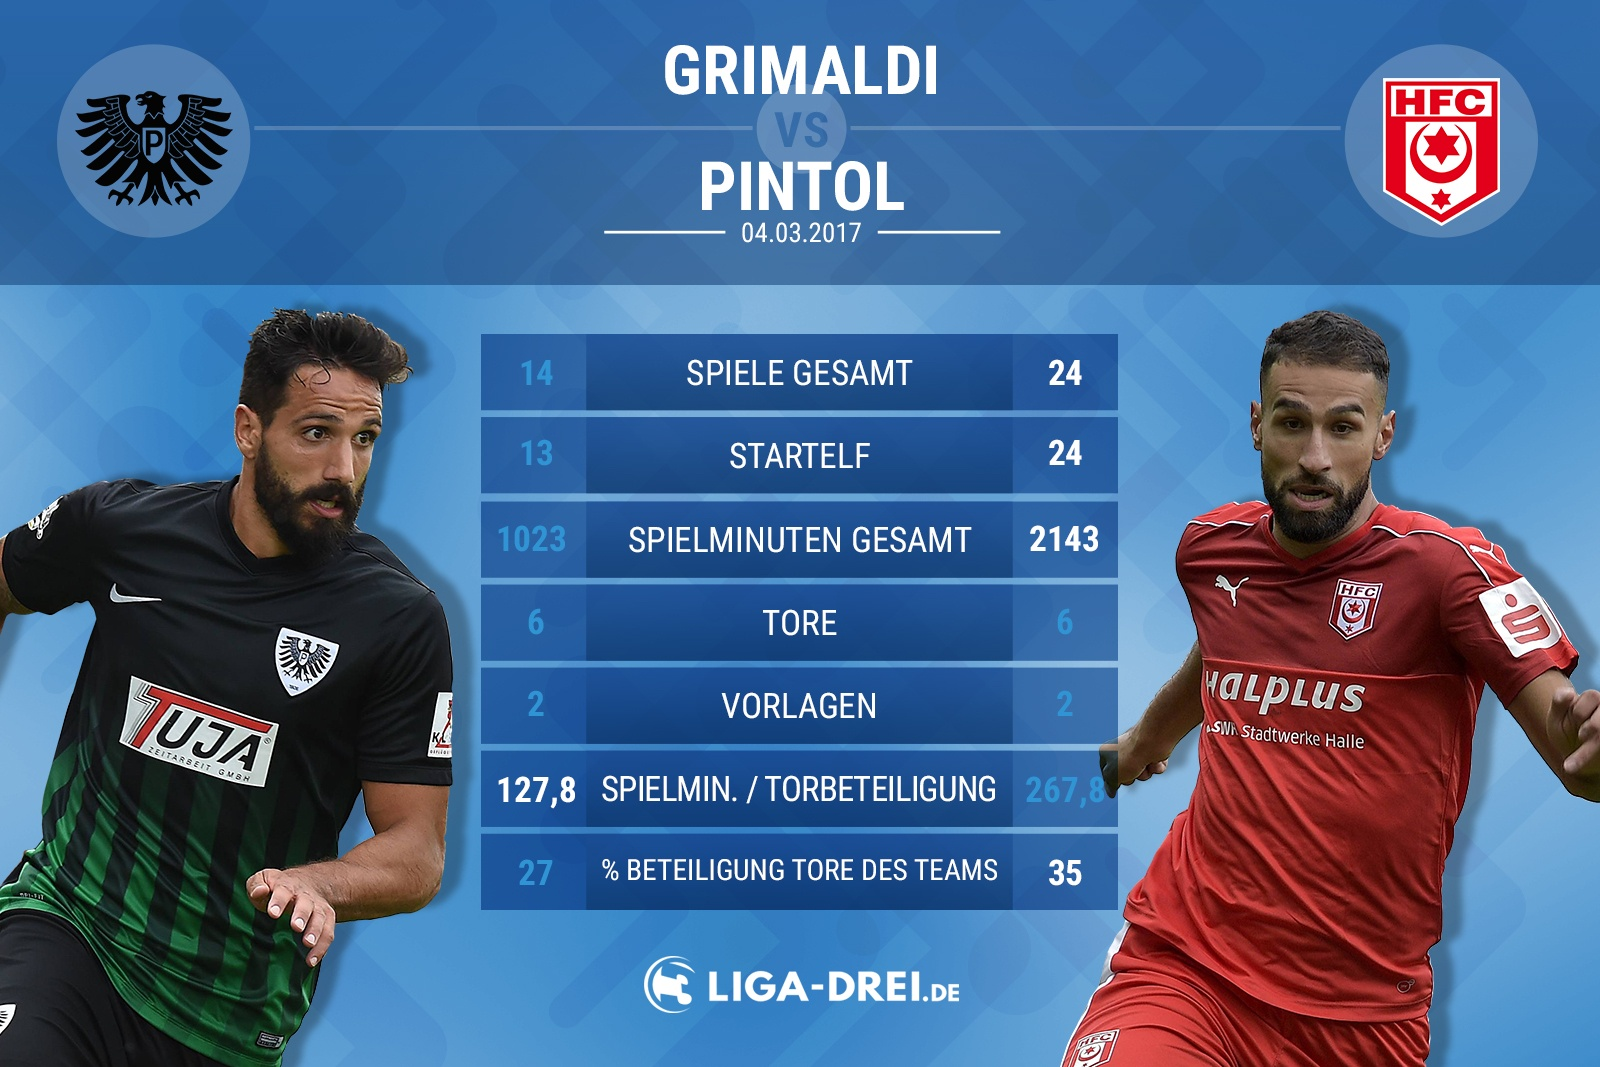 Spielervergleich von Grimaldi & Pintol